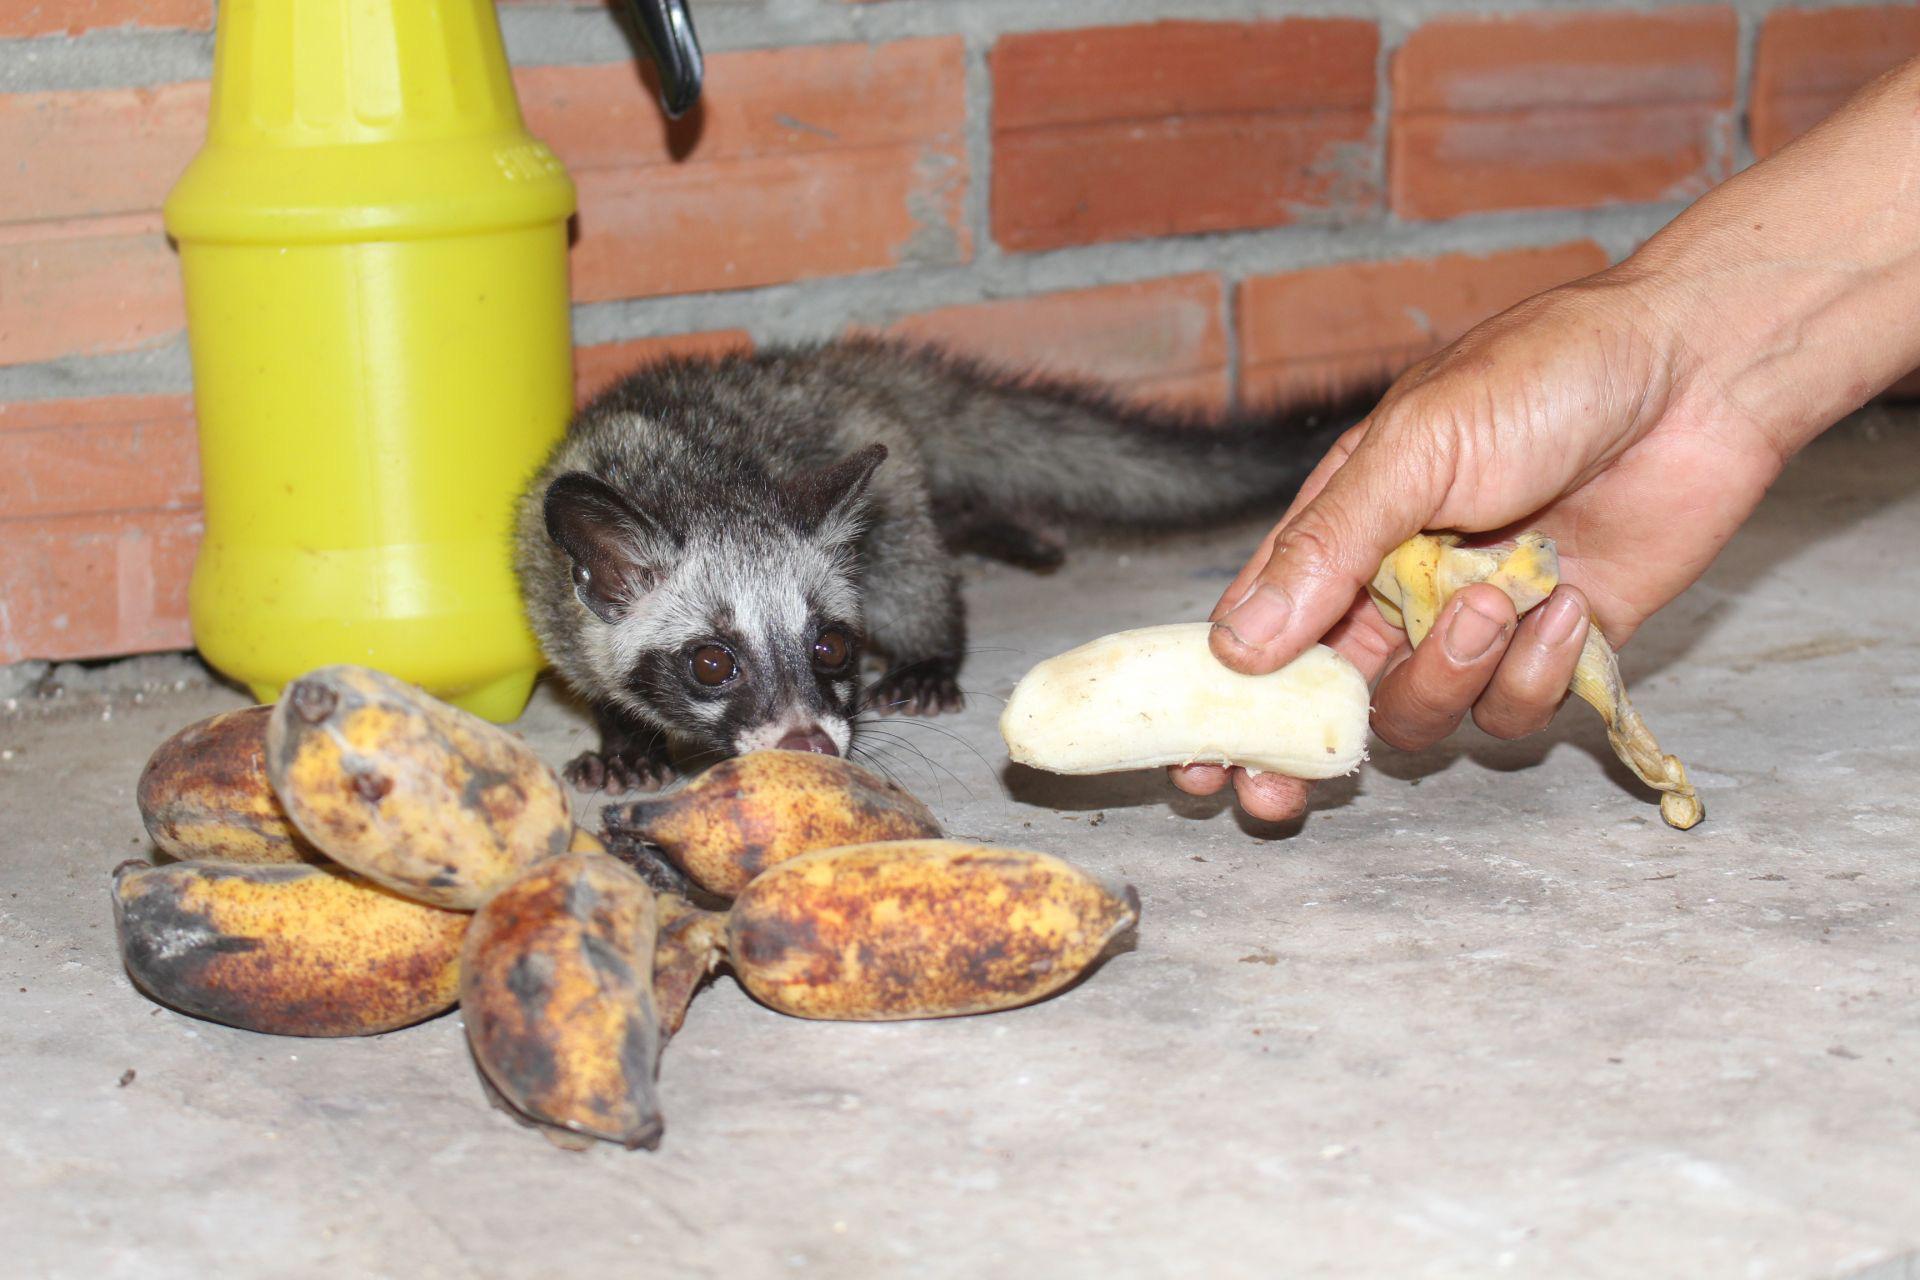 Nuôi loài thú trông như mèo mướp, bế trên tay mà miệng vẫn cố ngậm trái chuối, một nông dân tỉnh Tây Ninh khá giả - Ảnh 3.